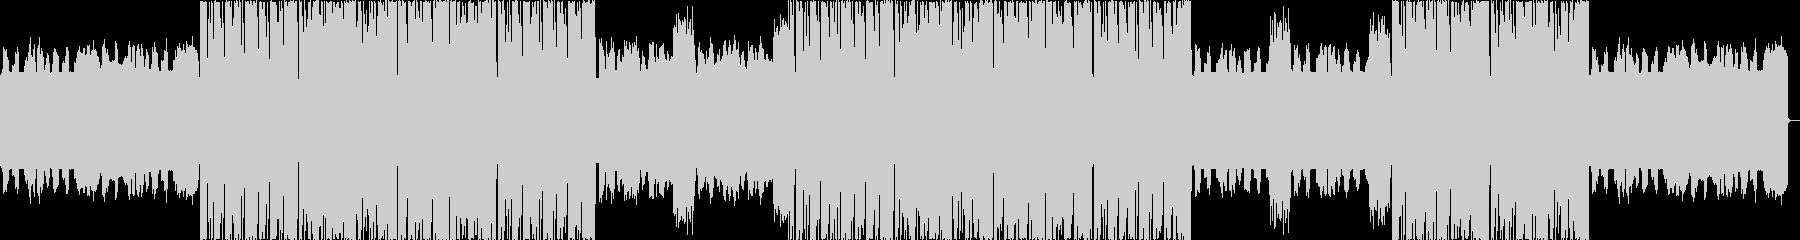 派手シンセのHIPHOP×DUBSTEPの未再生の波形